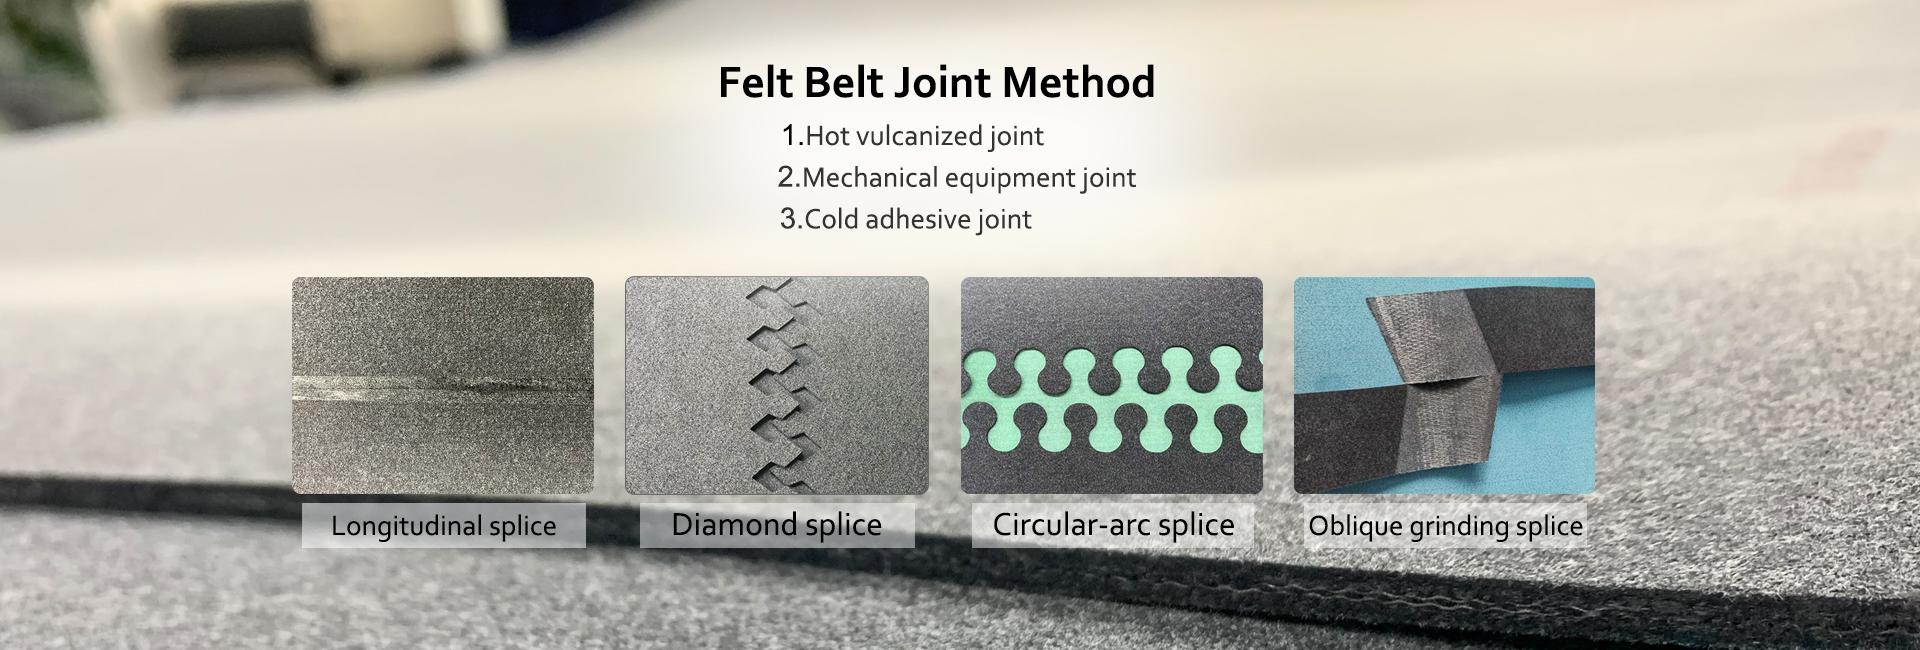 Novobelt joint method